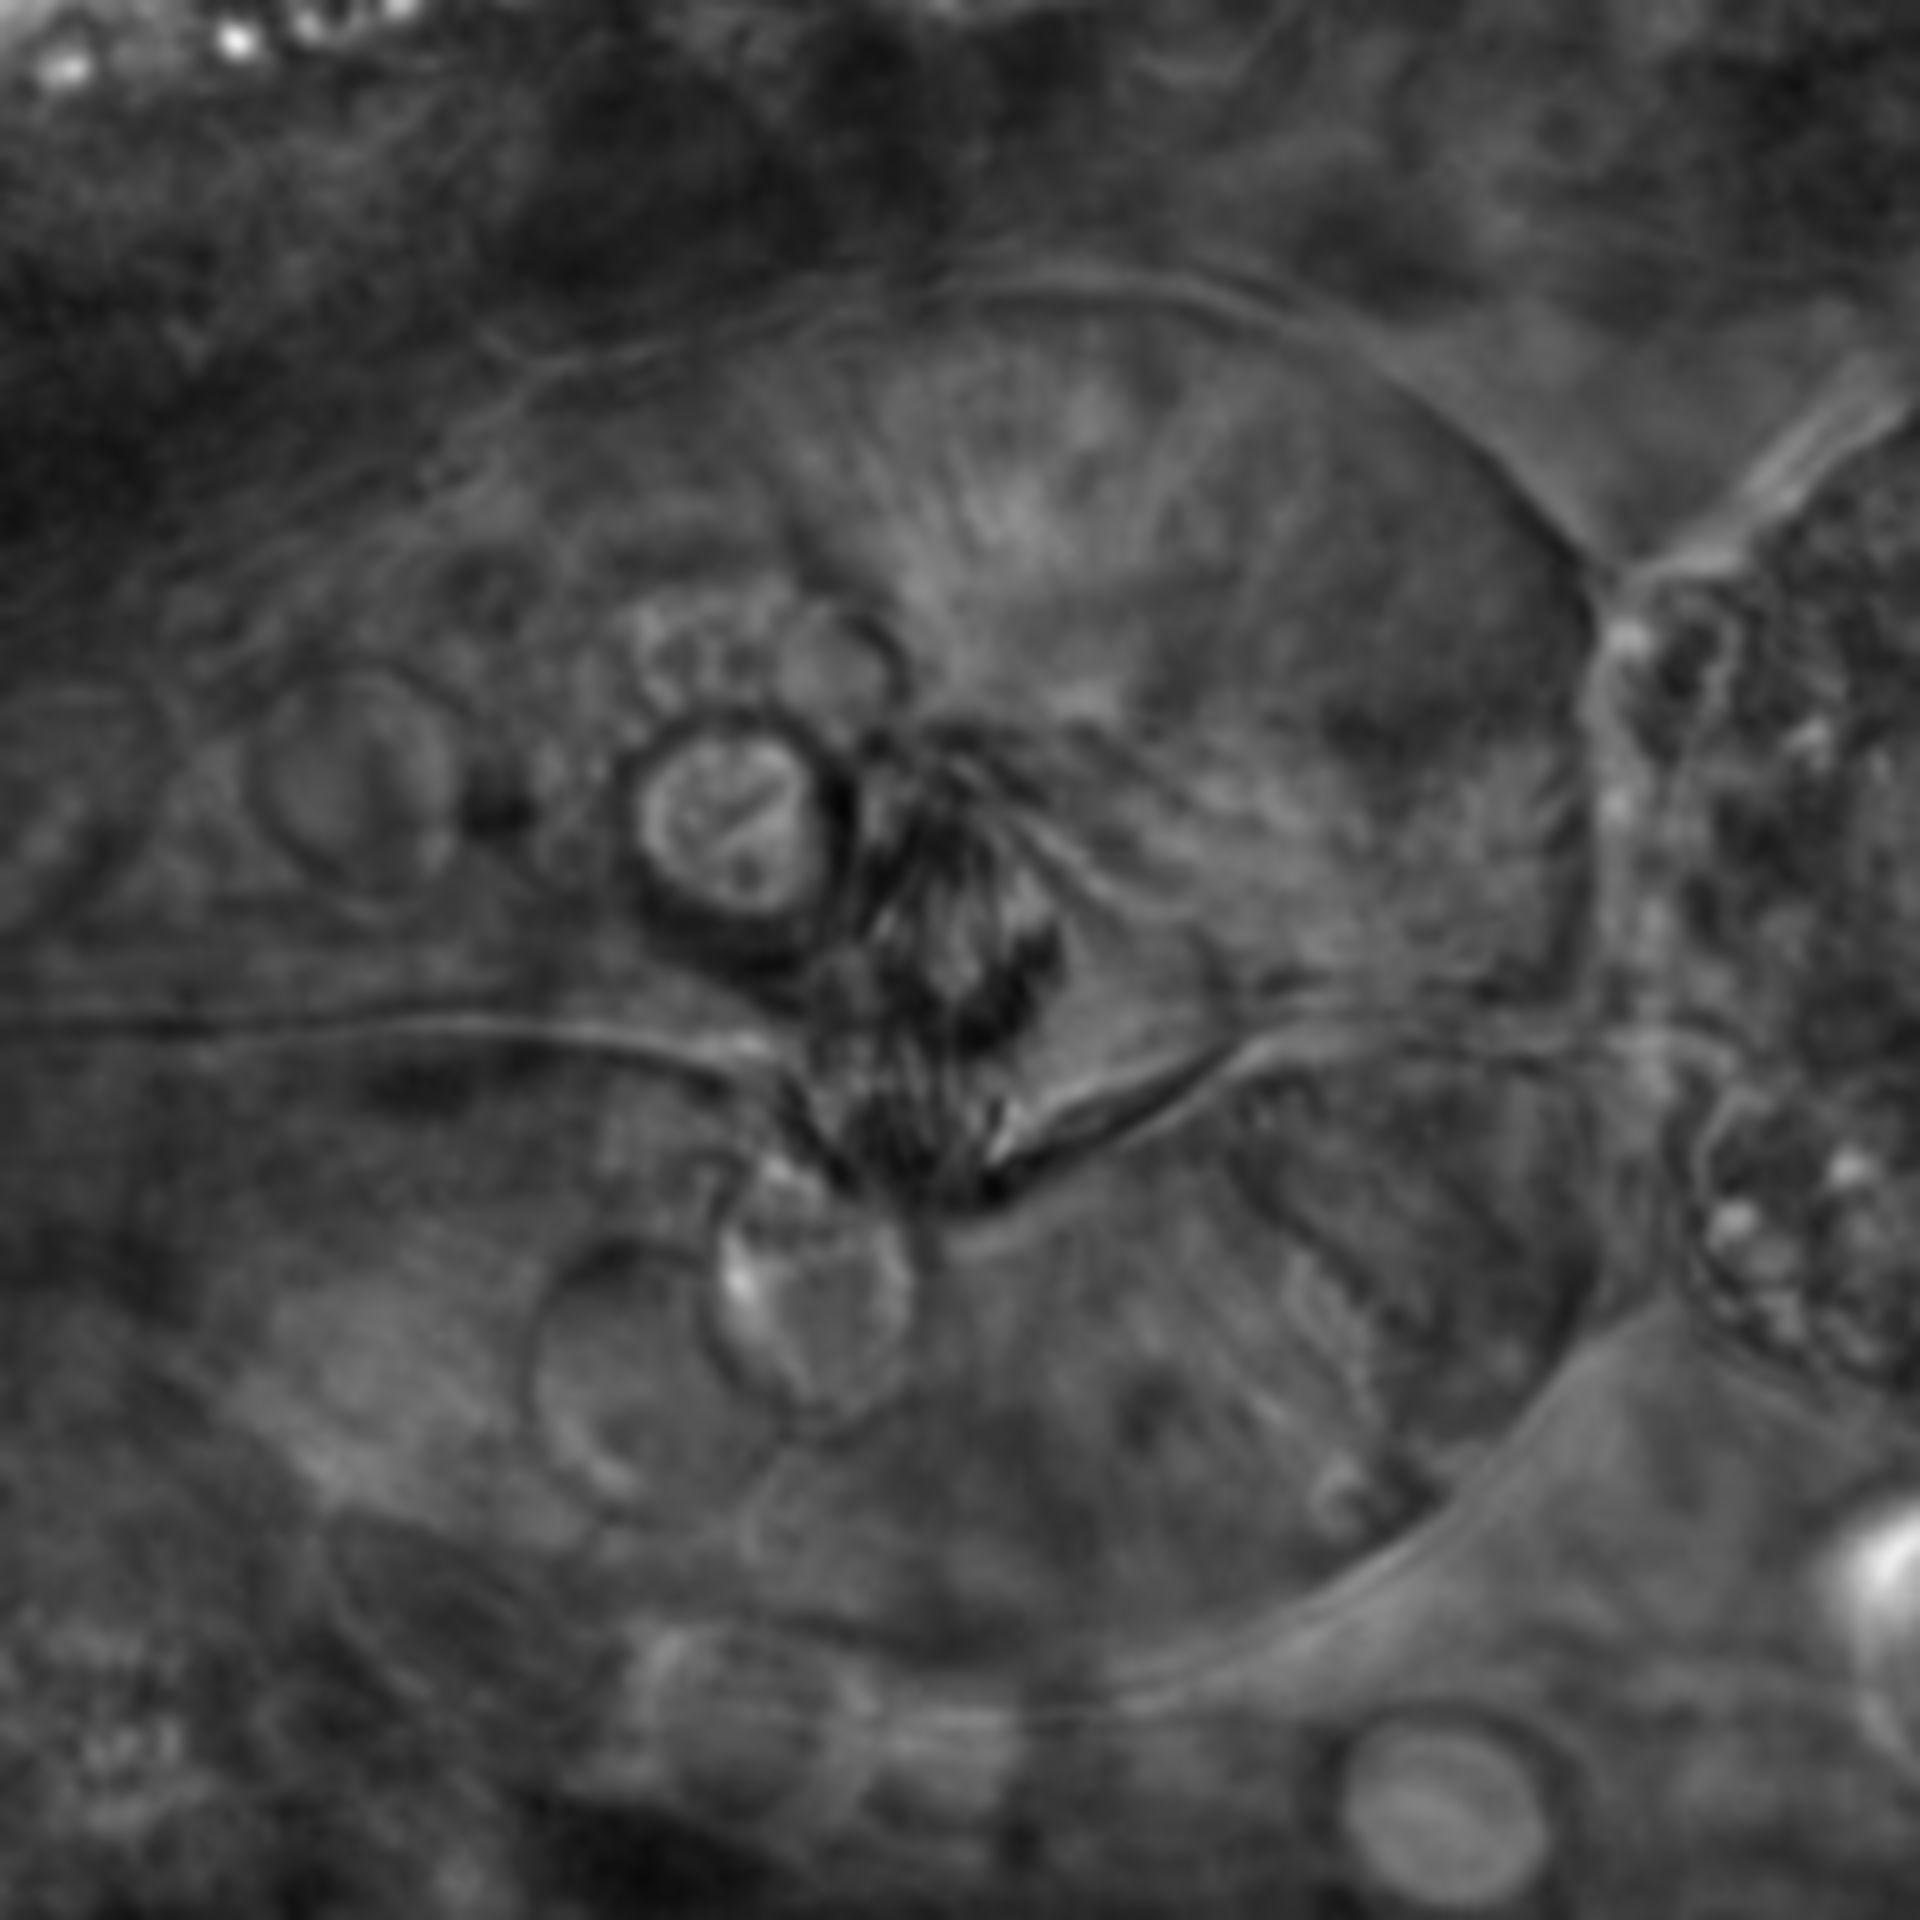 Caenorhabditis elegans - CIL:2213